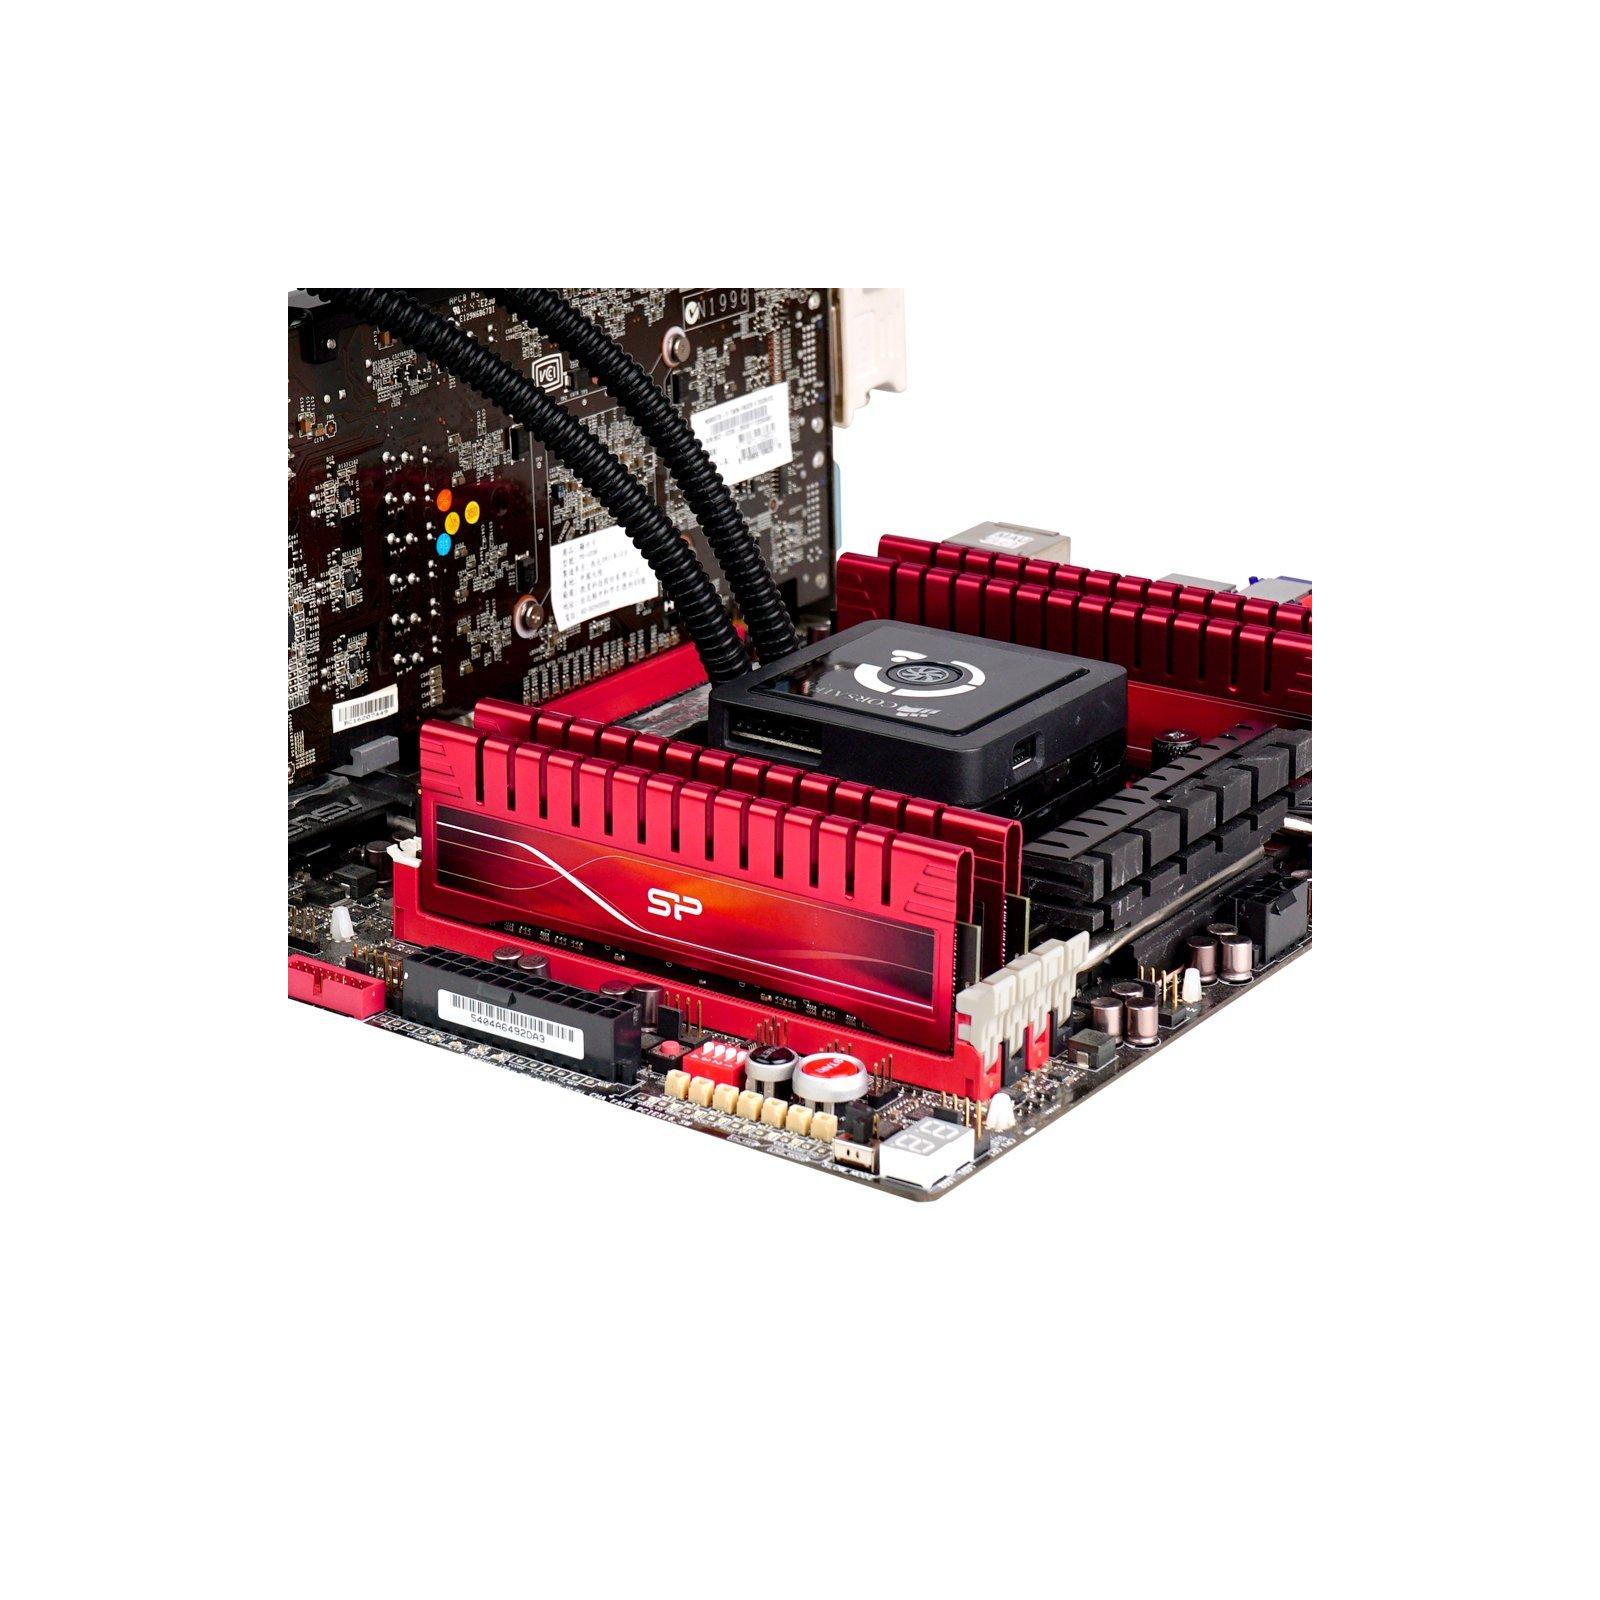 Модуль памяти для компьютера DDR3 8GB (2x4GB) 2133 MHz X-Power Silicon Power (SP008GXLYU21ANDA) изображение 4